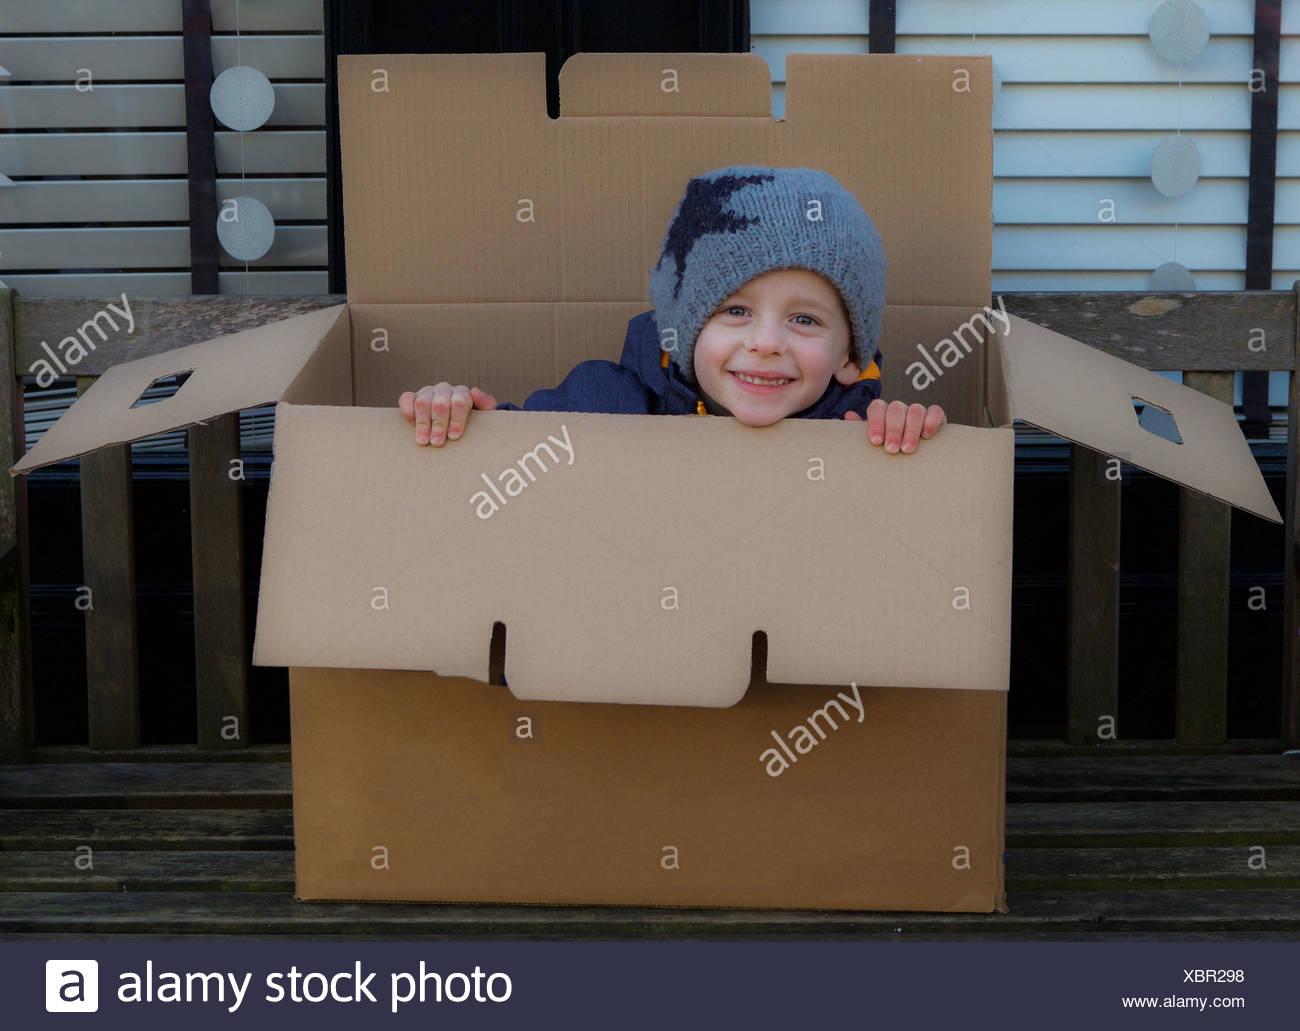 Retrato de muchacho juguetón en la caja Imagen De Stock